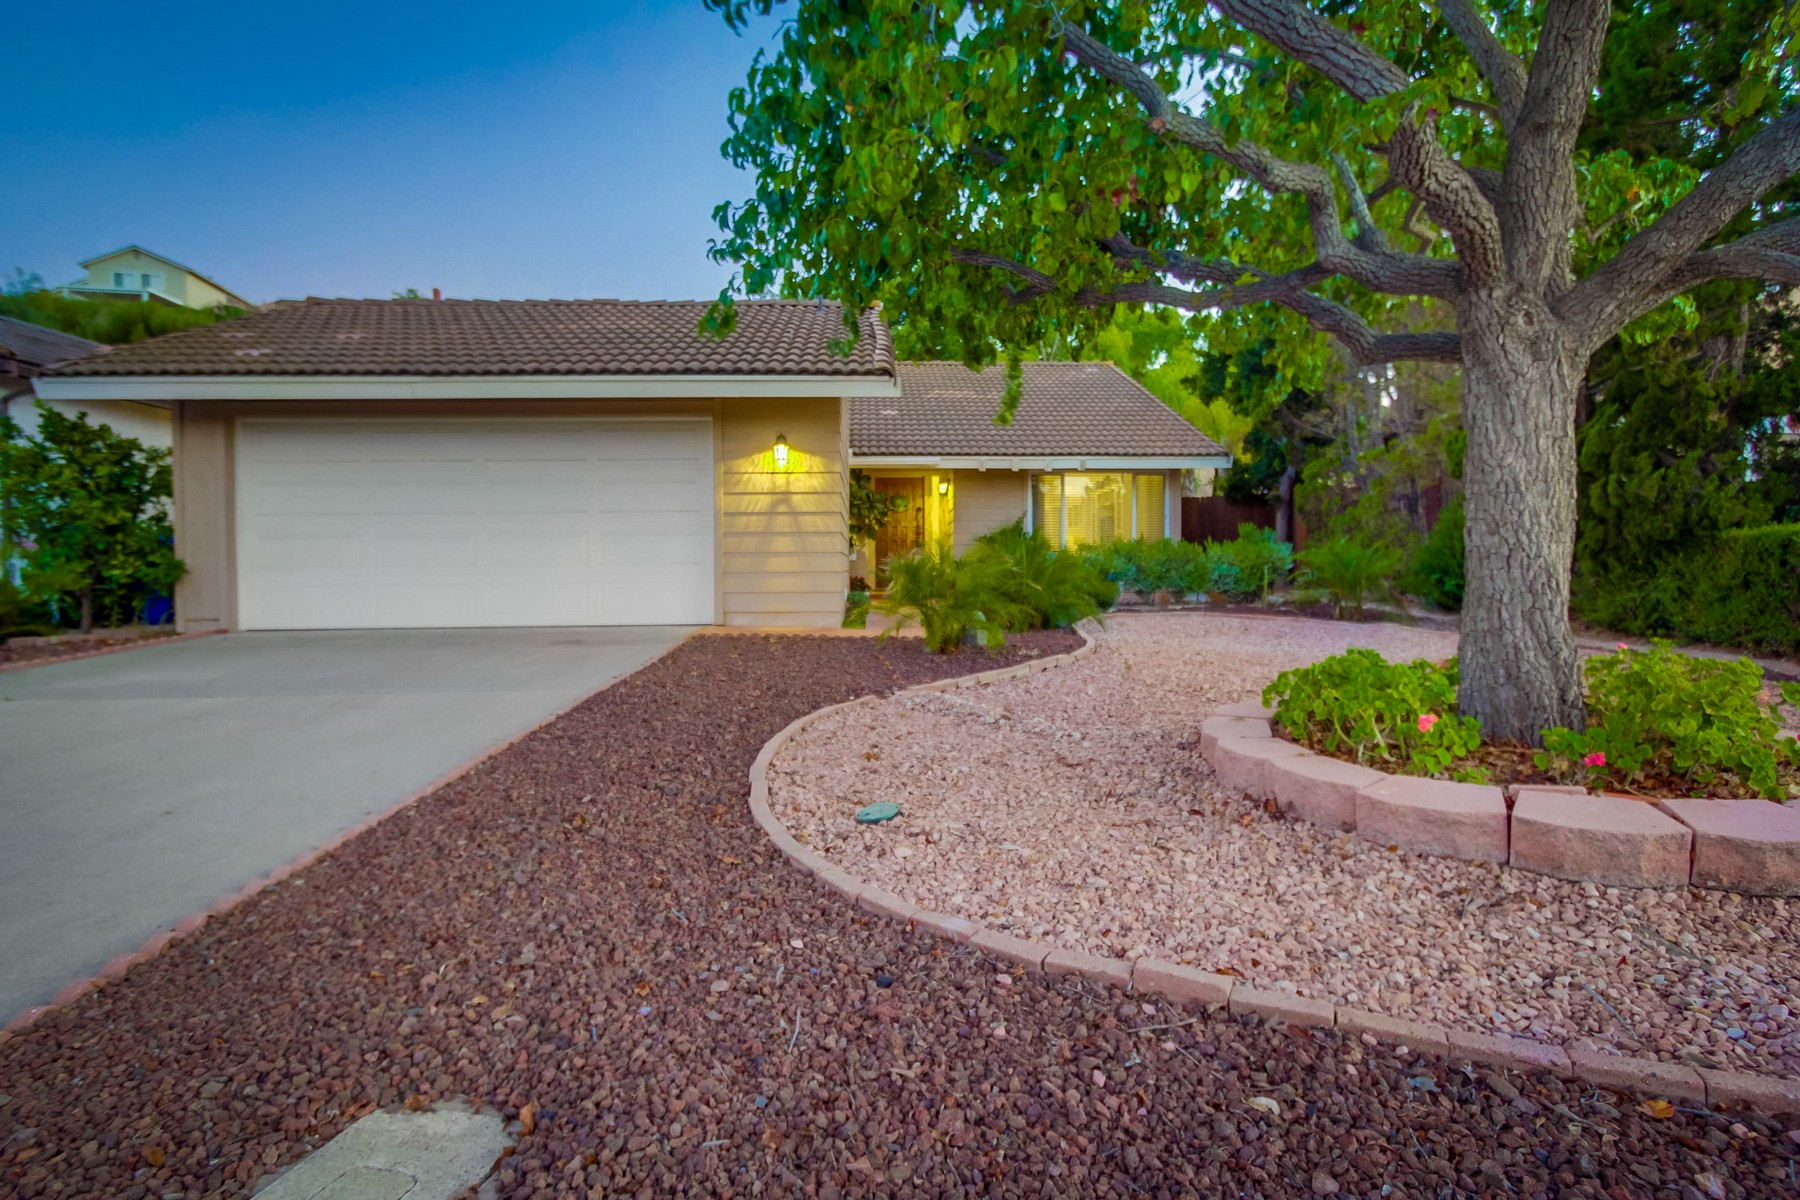 一戸建て のために 売買 アット 11257 Turtleback 11357 Turtleback Ln San Diego, カリフォルニア, 92127 アメリカ合衆国